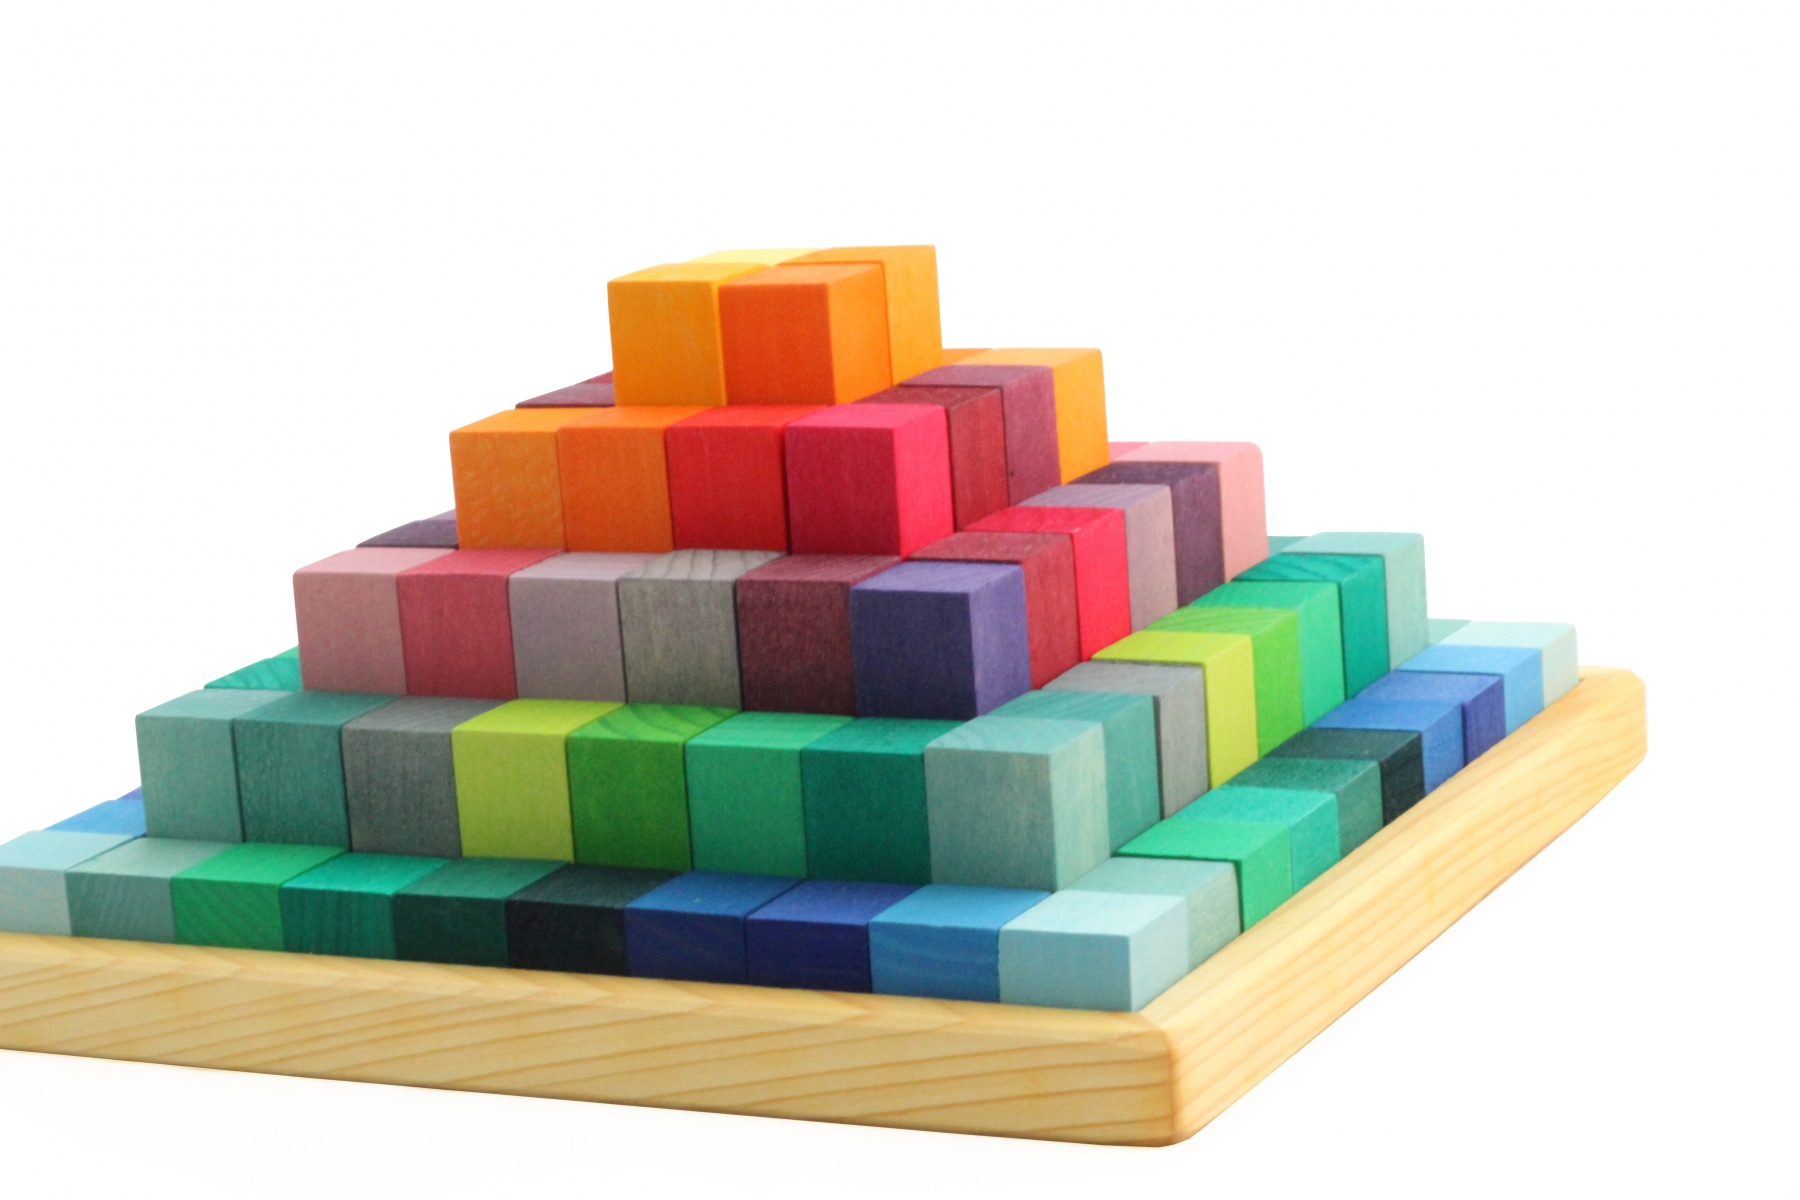 Jeu de construction en bois pyramide de grimm 39 s for Jeu de construction en bois 4 ans